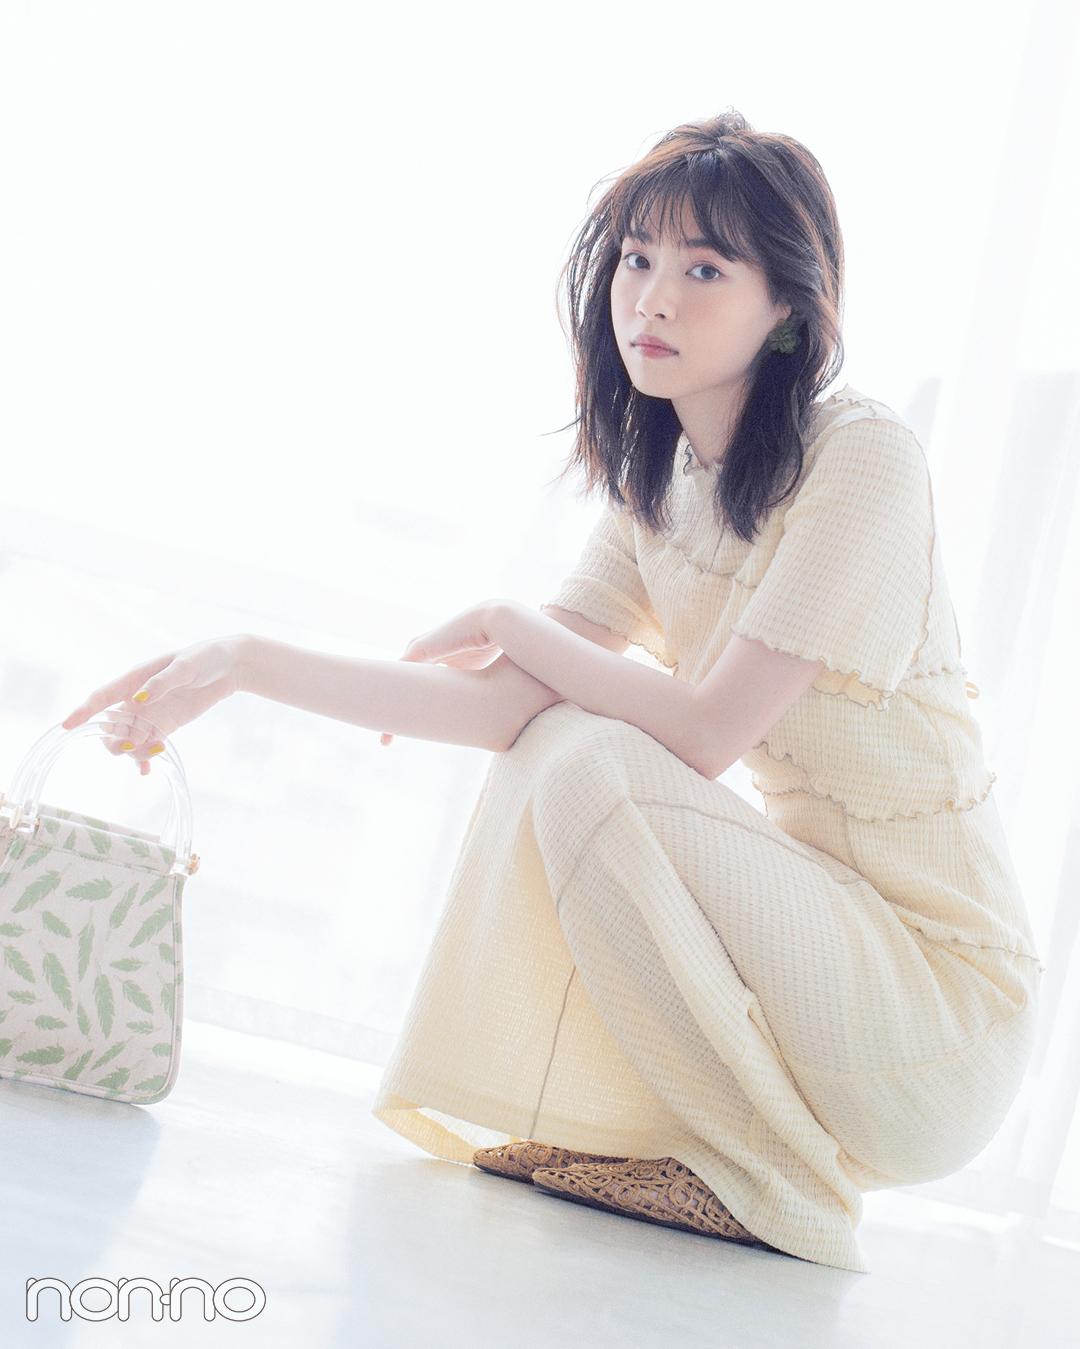 西野七瀬★ ファッションモデルとしての実力がスゴいフォトギャラリー_1_9